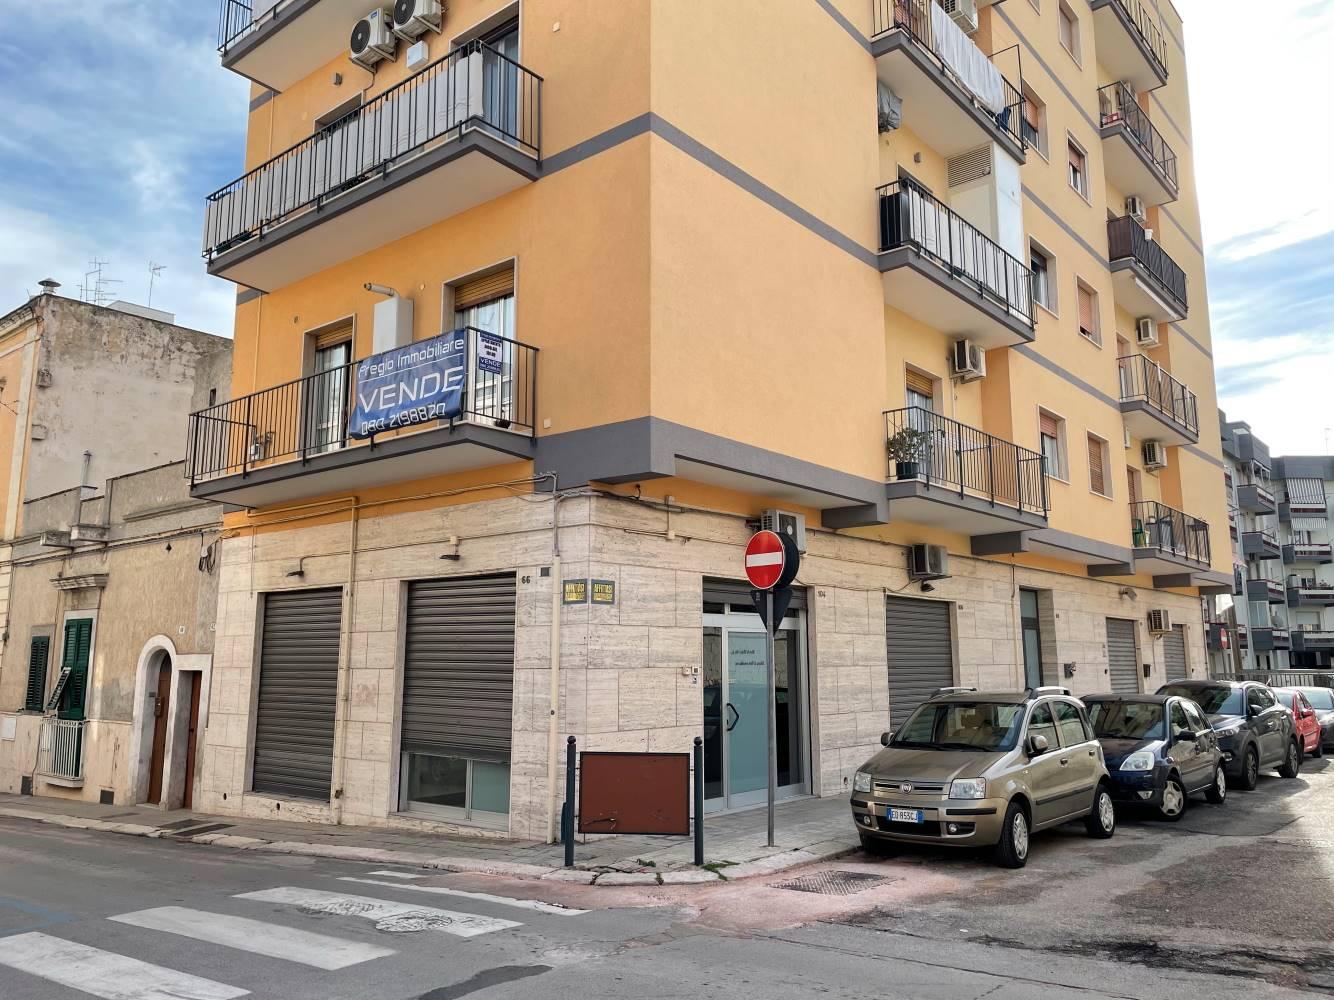 In vendita a Monopoli, a soli 300 metri da Cala Portavecchia, proponiamo un appartamento con esposizione angolare con Via Cadorna di una superficie interna mq 100. In stabile recentemente